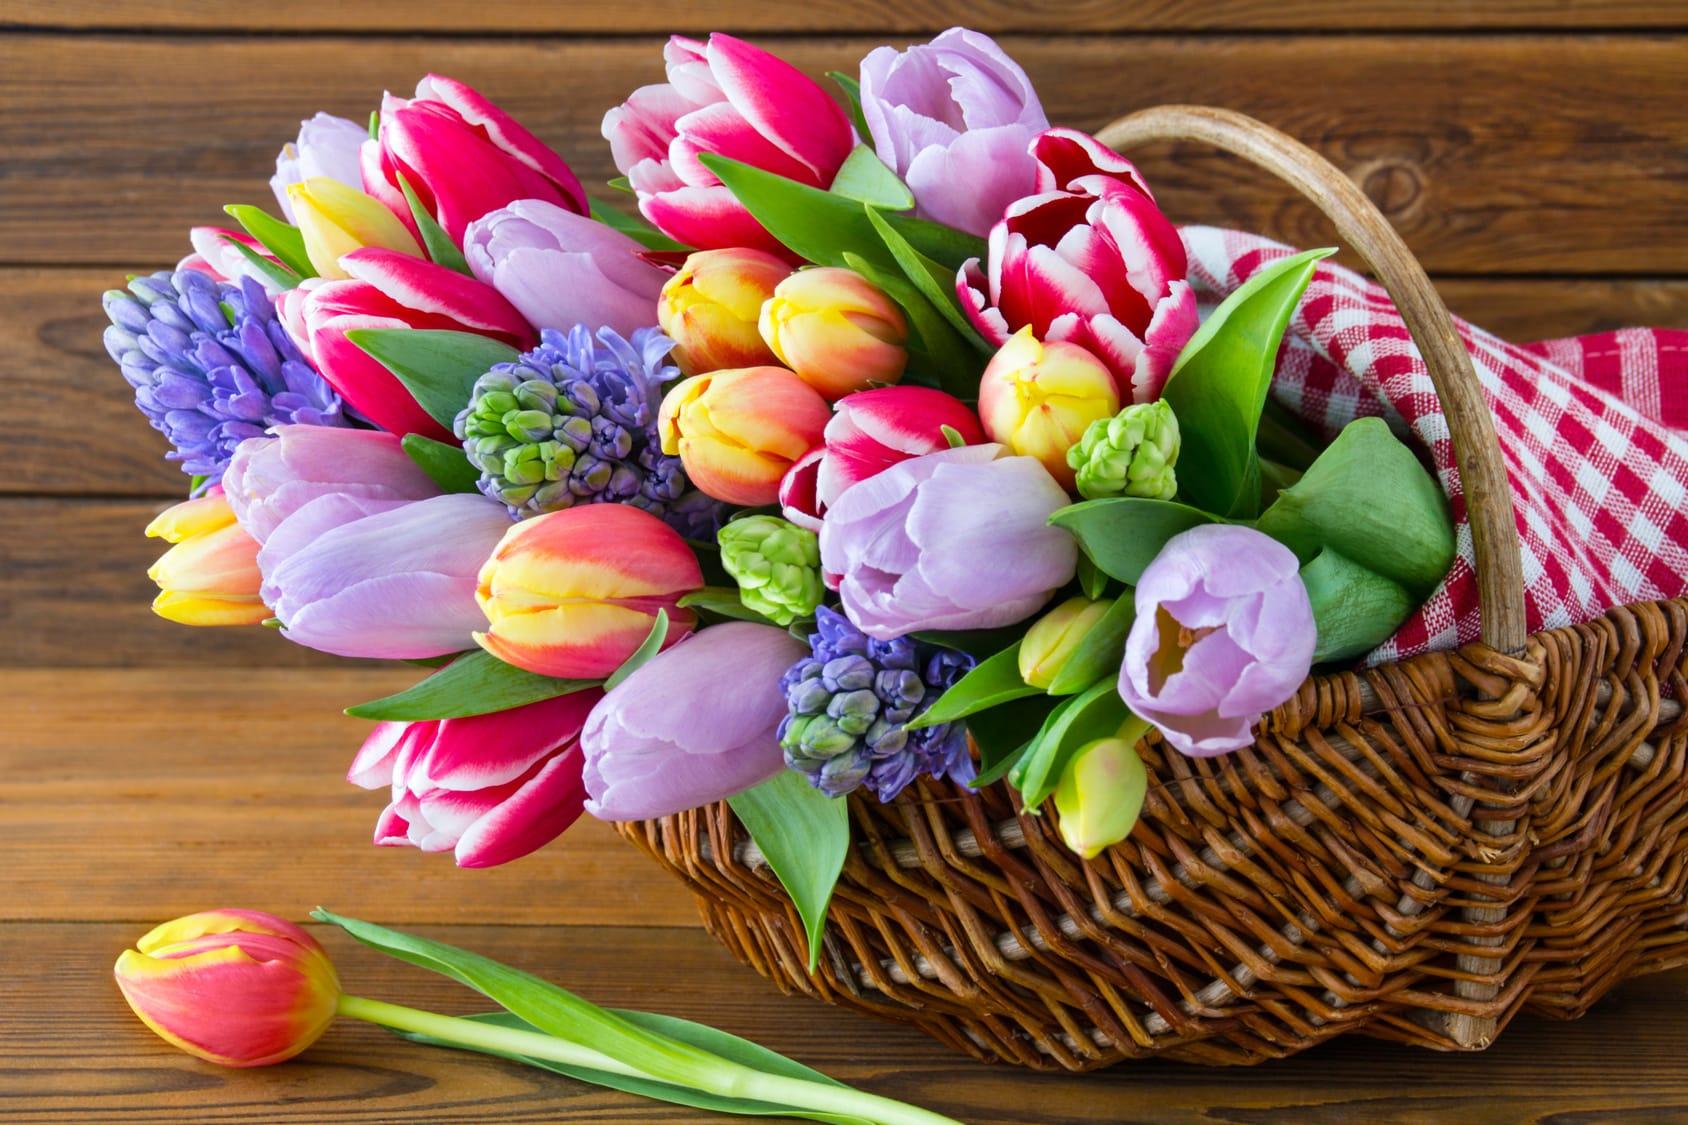 Schnittblumen frisch halten – 4 Tipps & Tricks